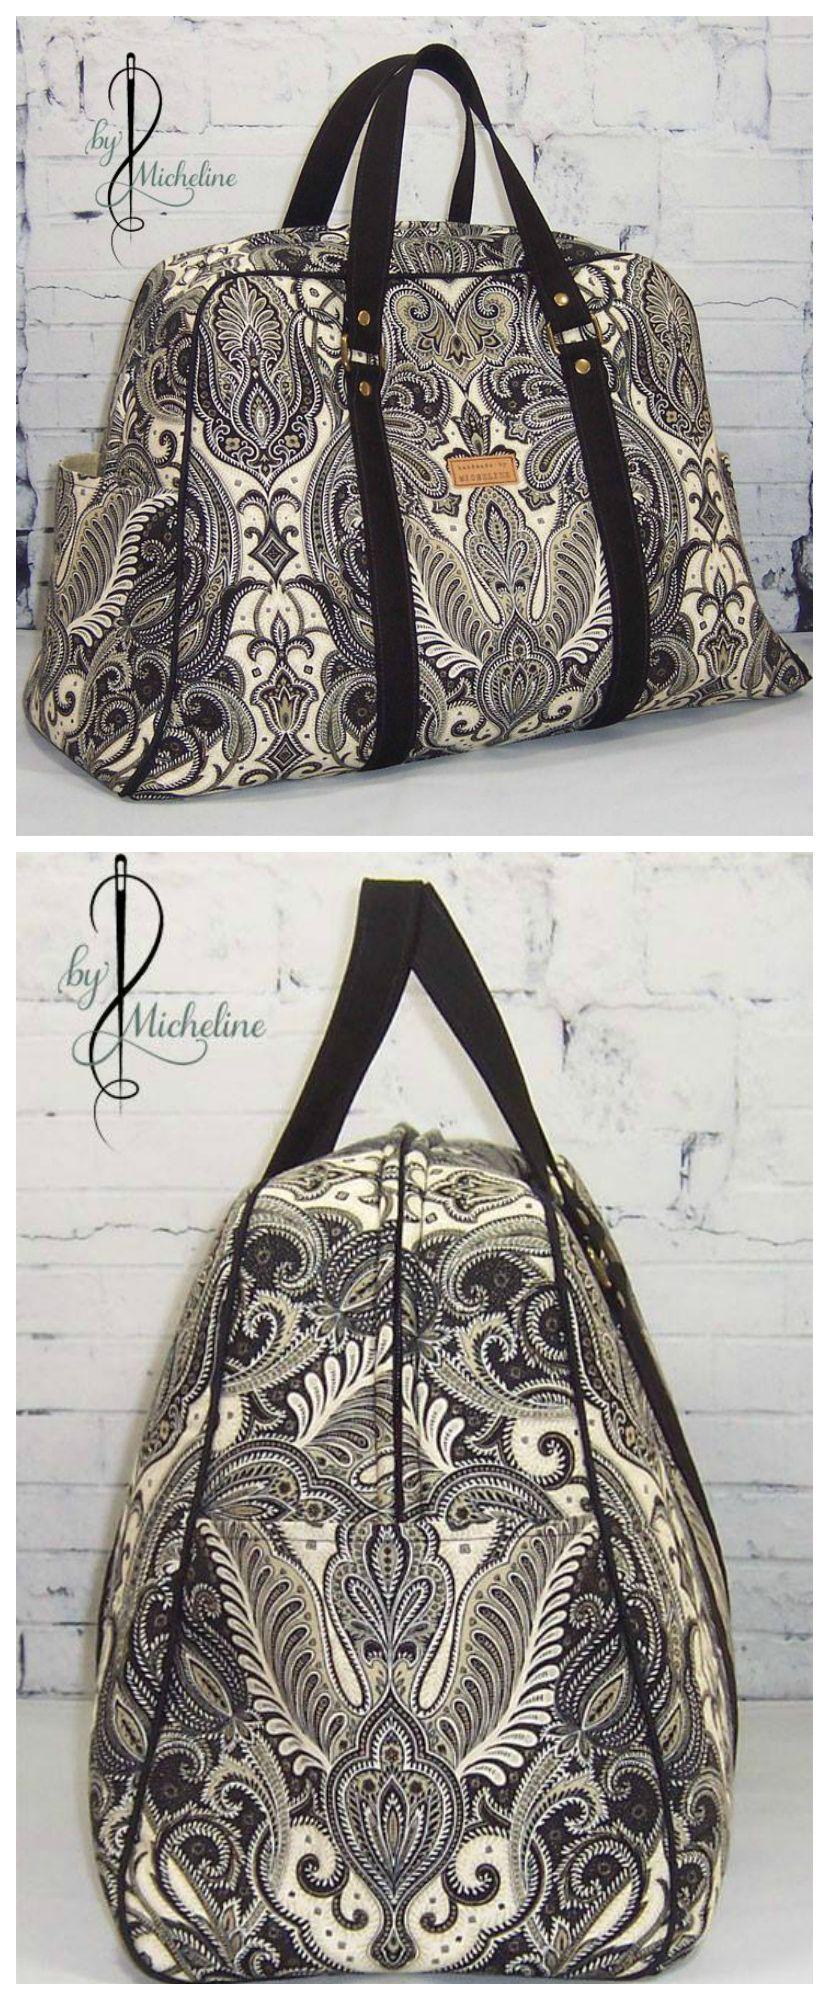 Vivian Handbag & Traveler - Swoon Sewing Patterns